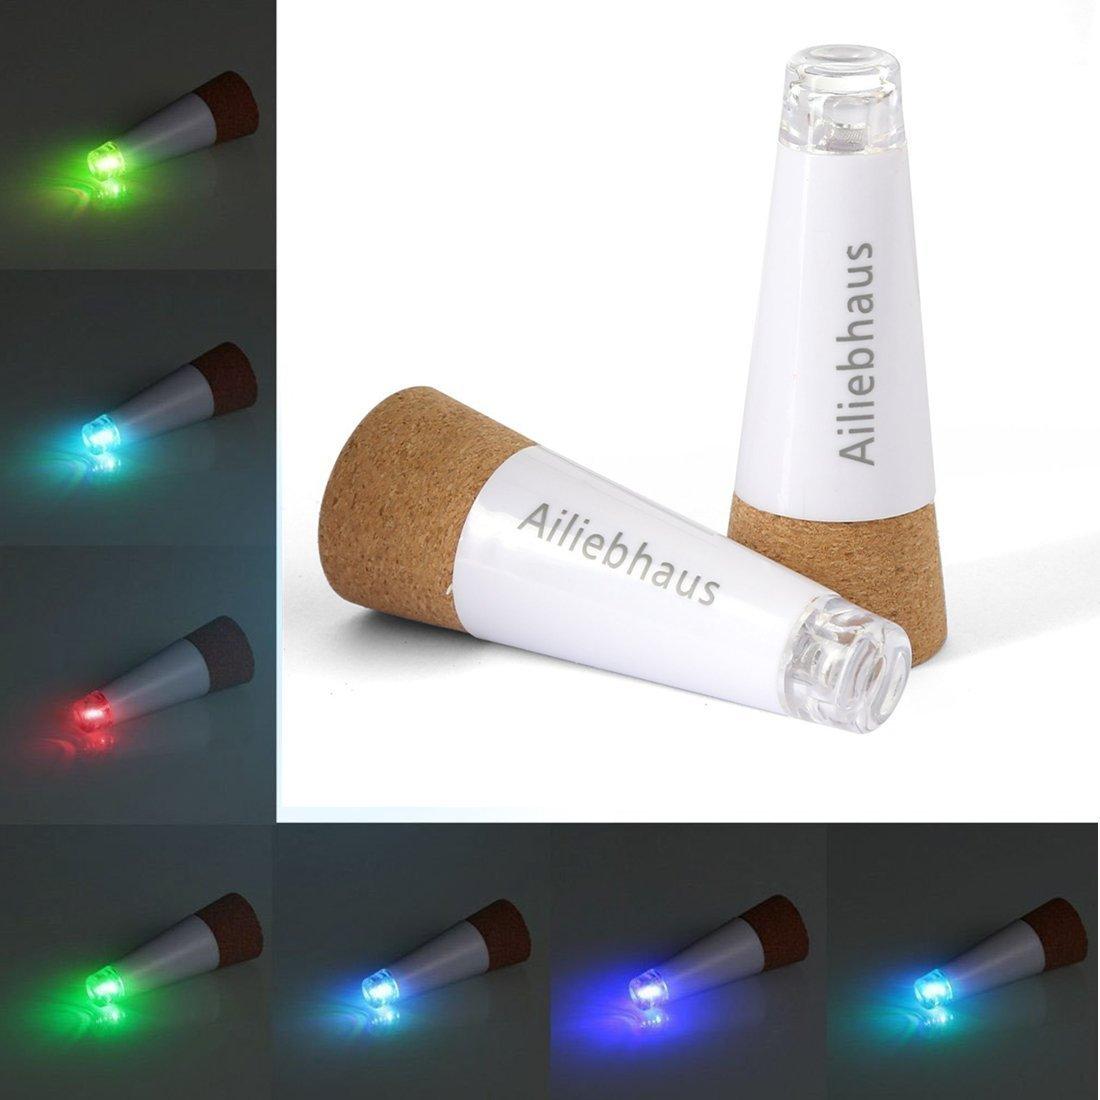 Ailiebhaus 2 Pack Bottle Light LED Wine Cork Light Rechargeable Bottle Cork Light for Wedding Party Decor, White